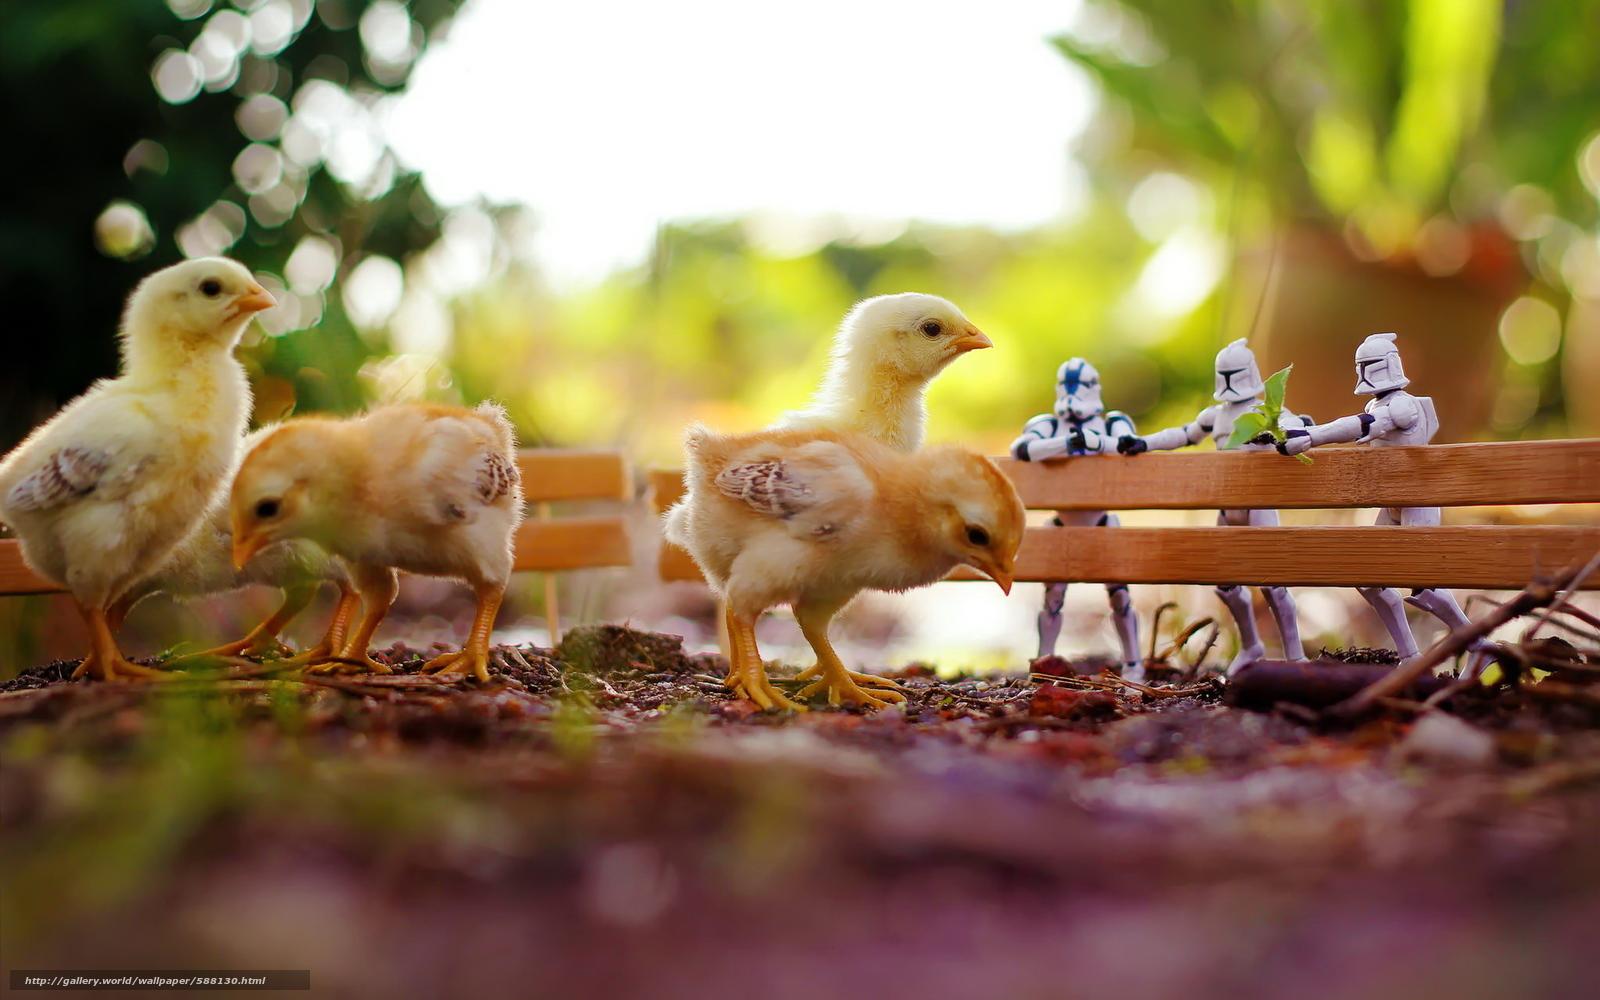 Скачать обои макро,  игрушки,  цыплята бесплатно для рабочего стола в разрешении 2000x1250 — картинка №588130